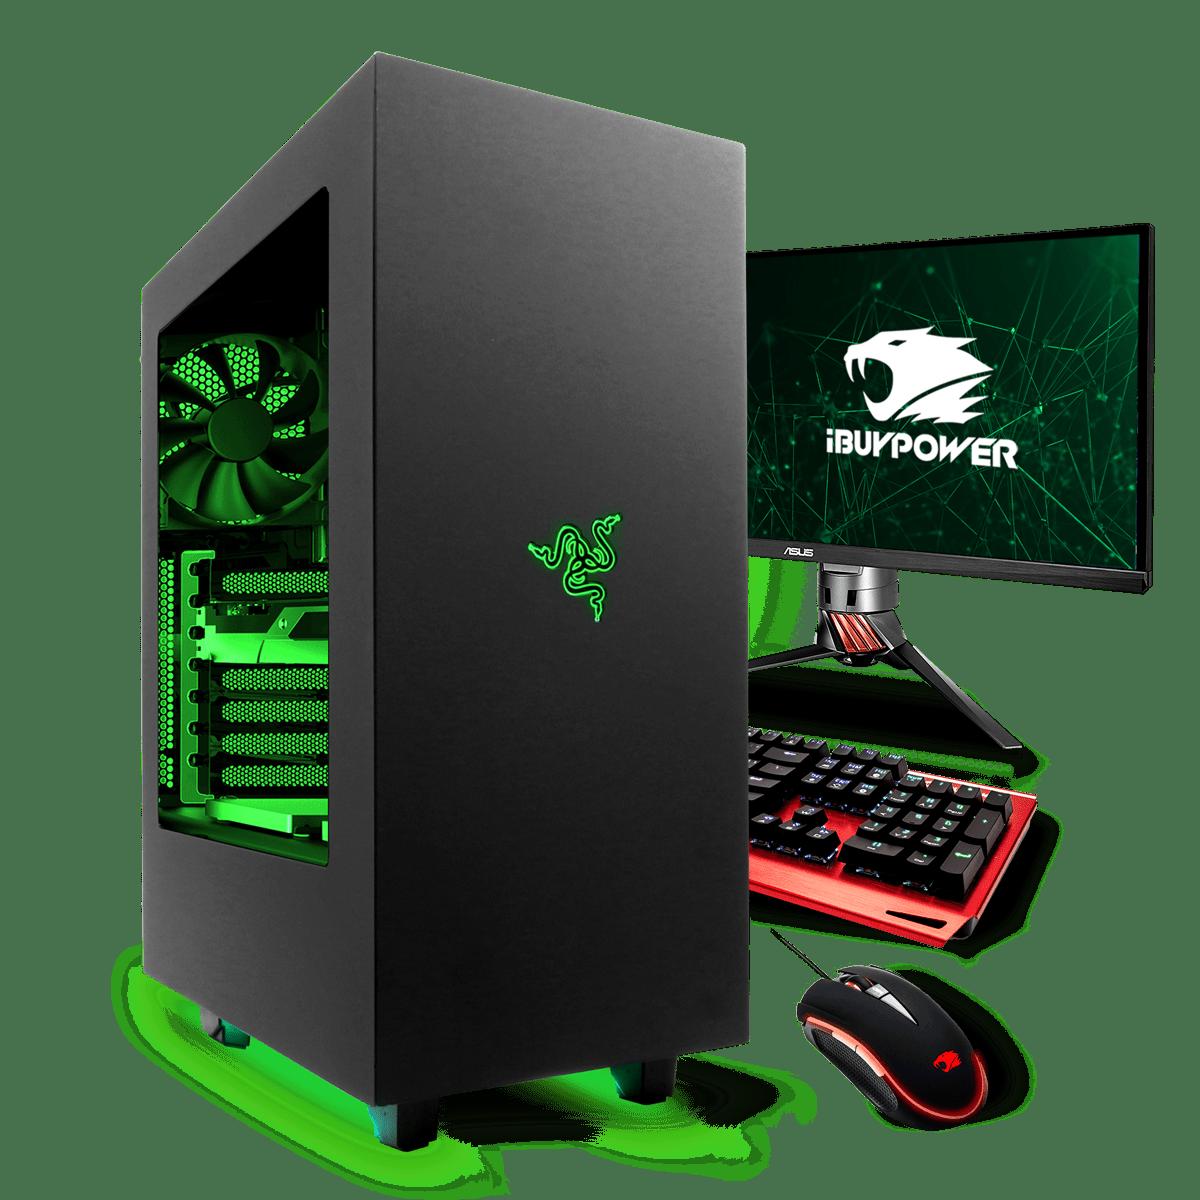 Intel Z370 Gaming M300: iBUYPOWER® Gaming PC